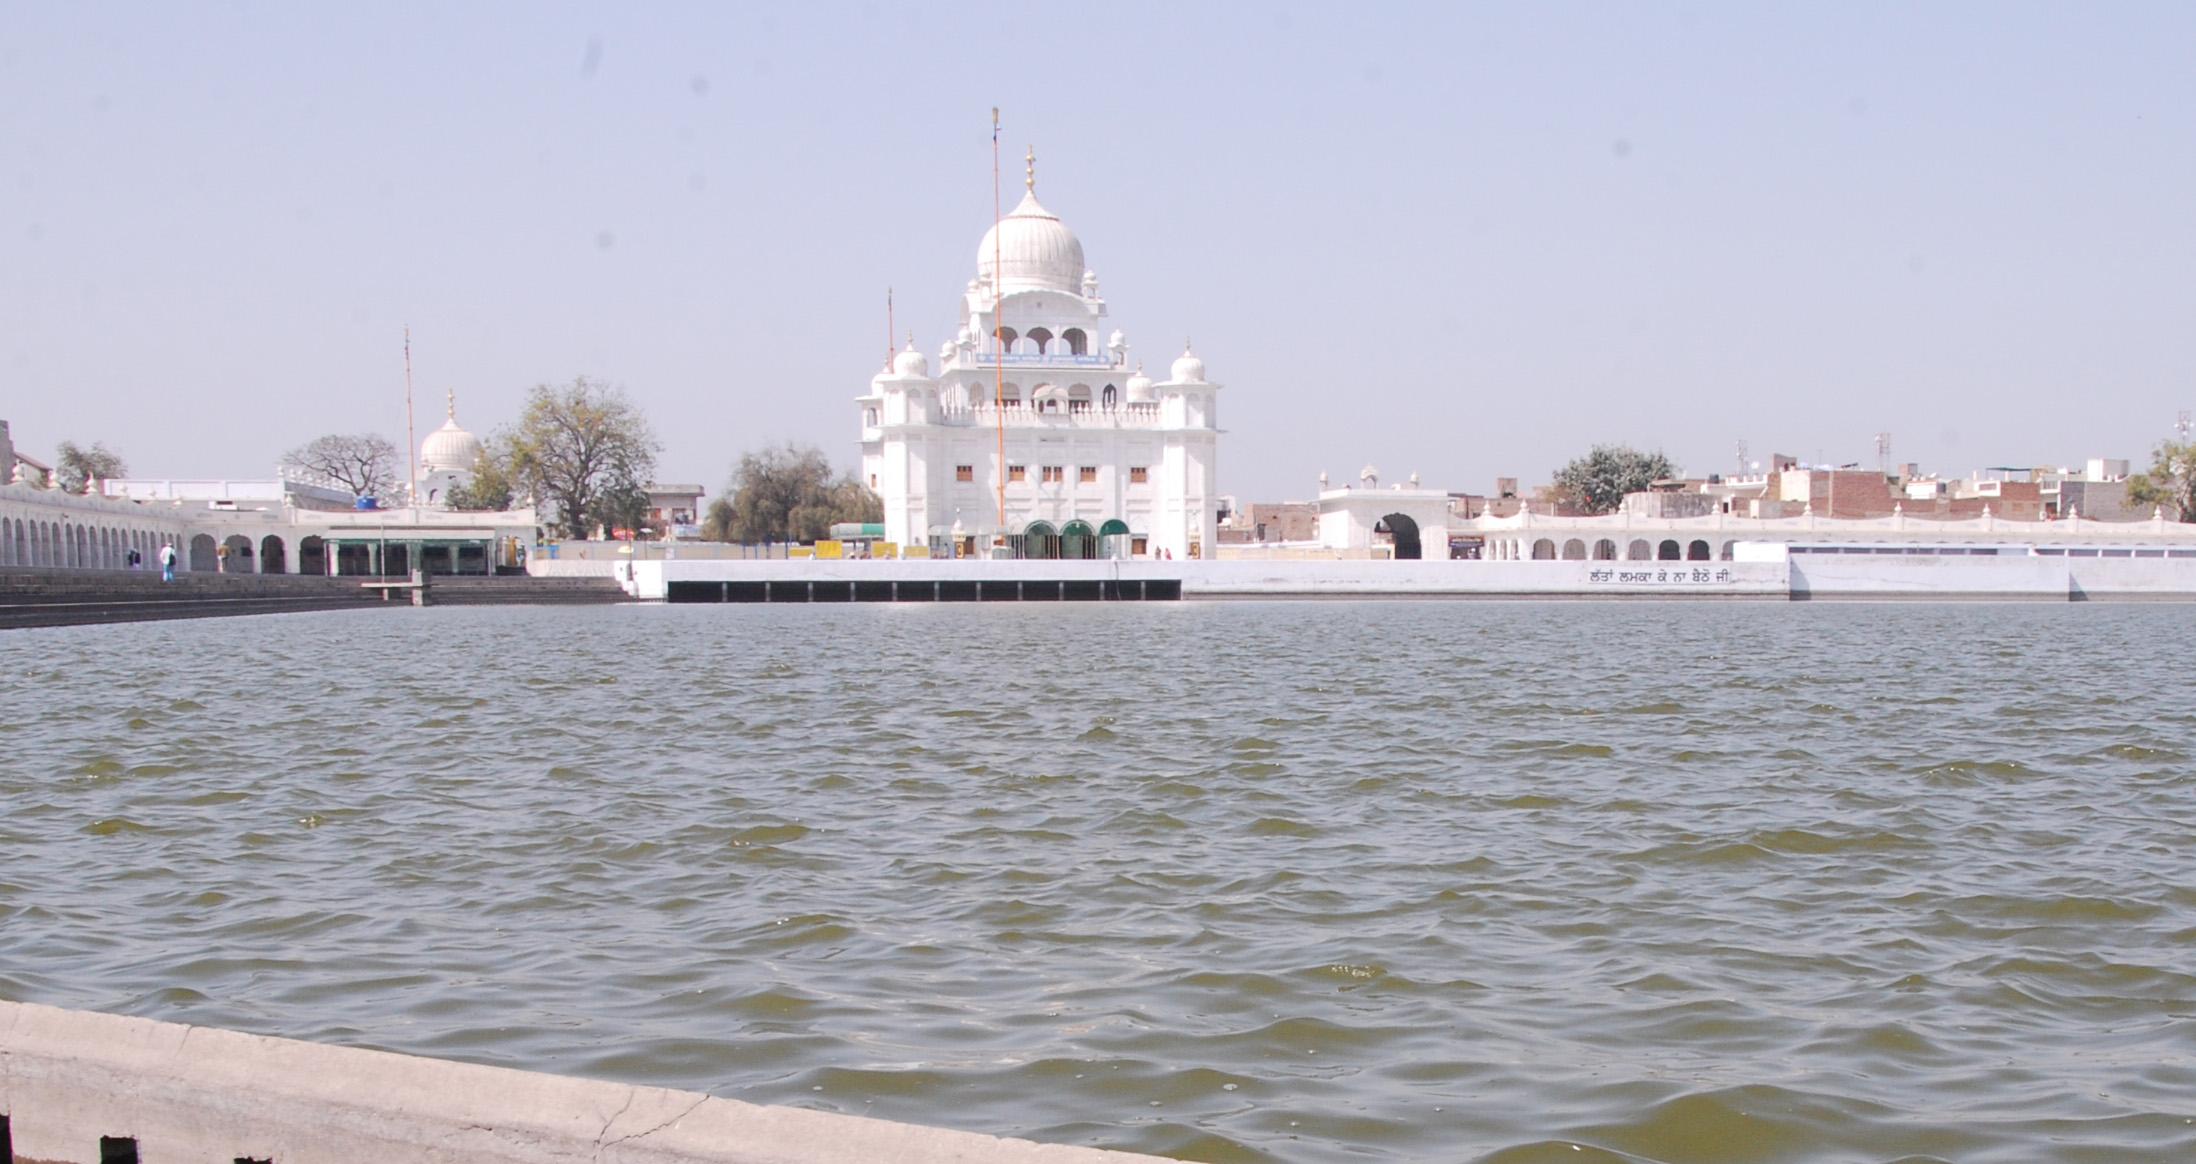 PunjabKesari Gurudwara Muktsar Sahib